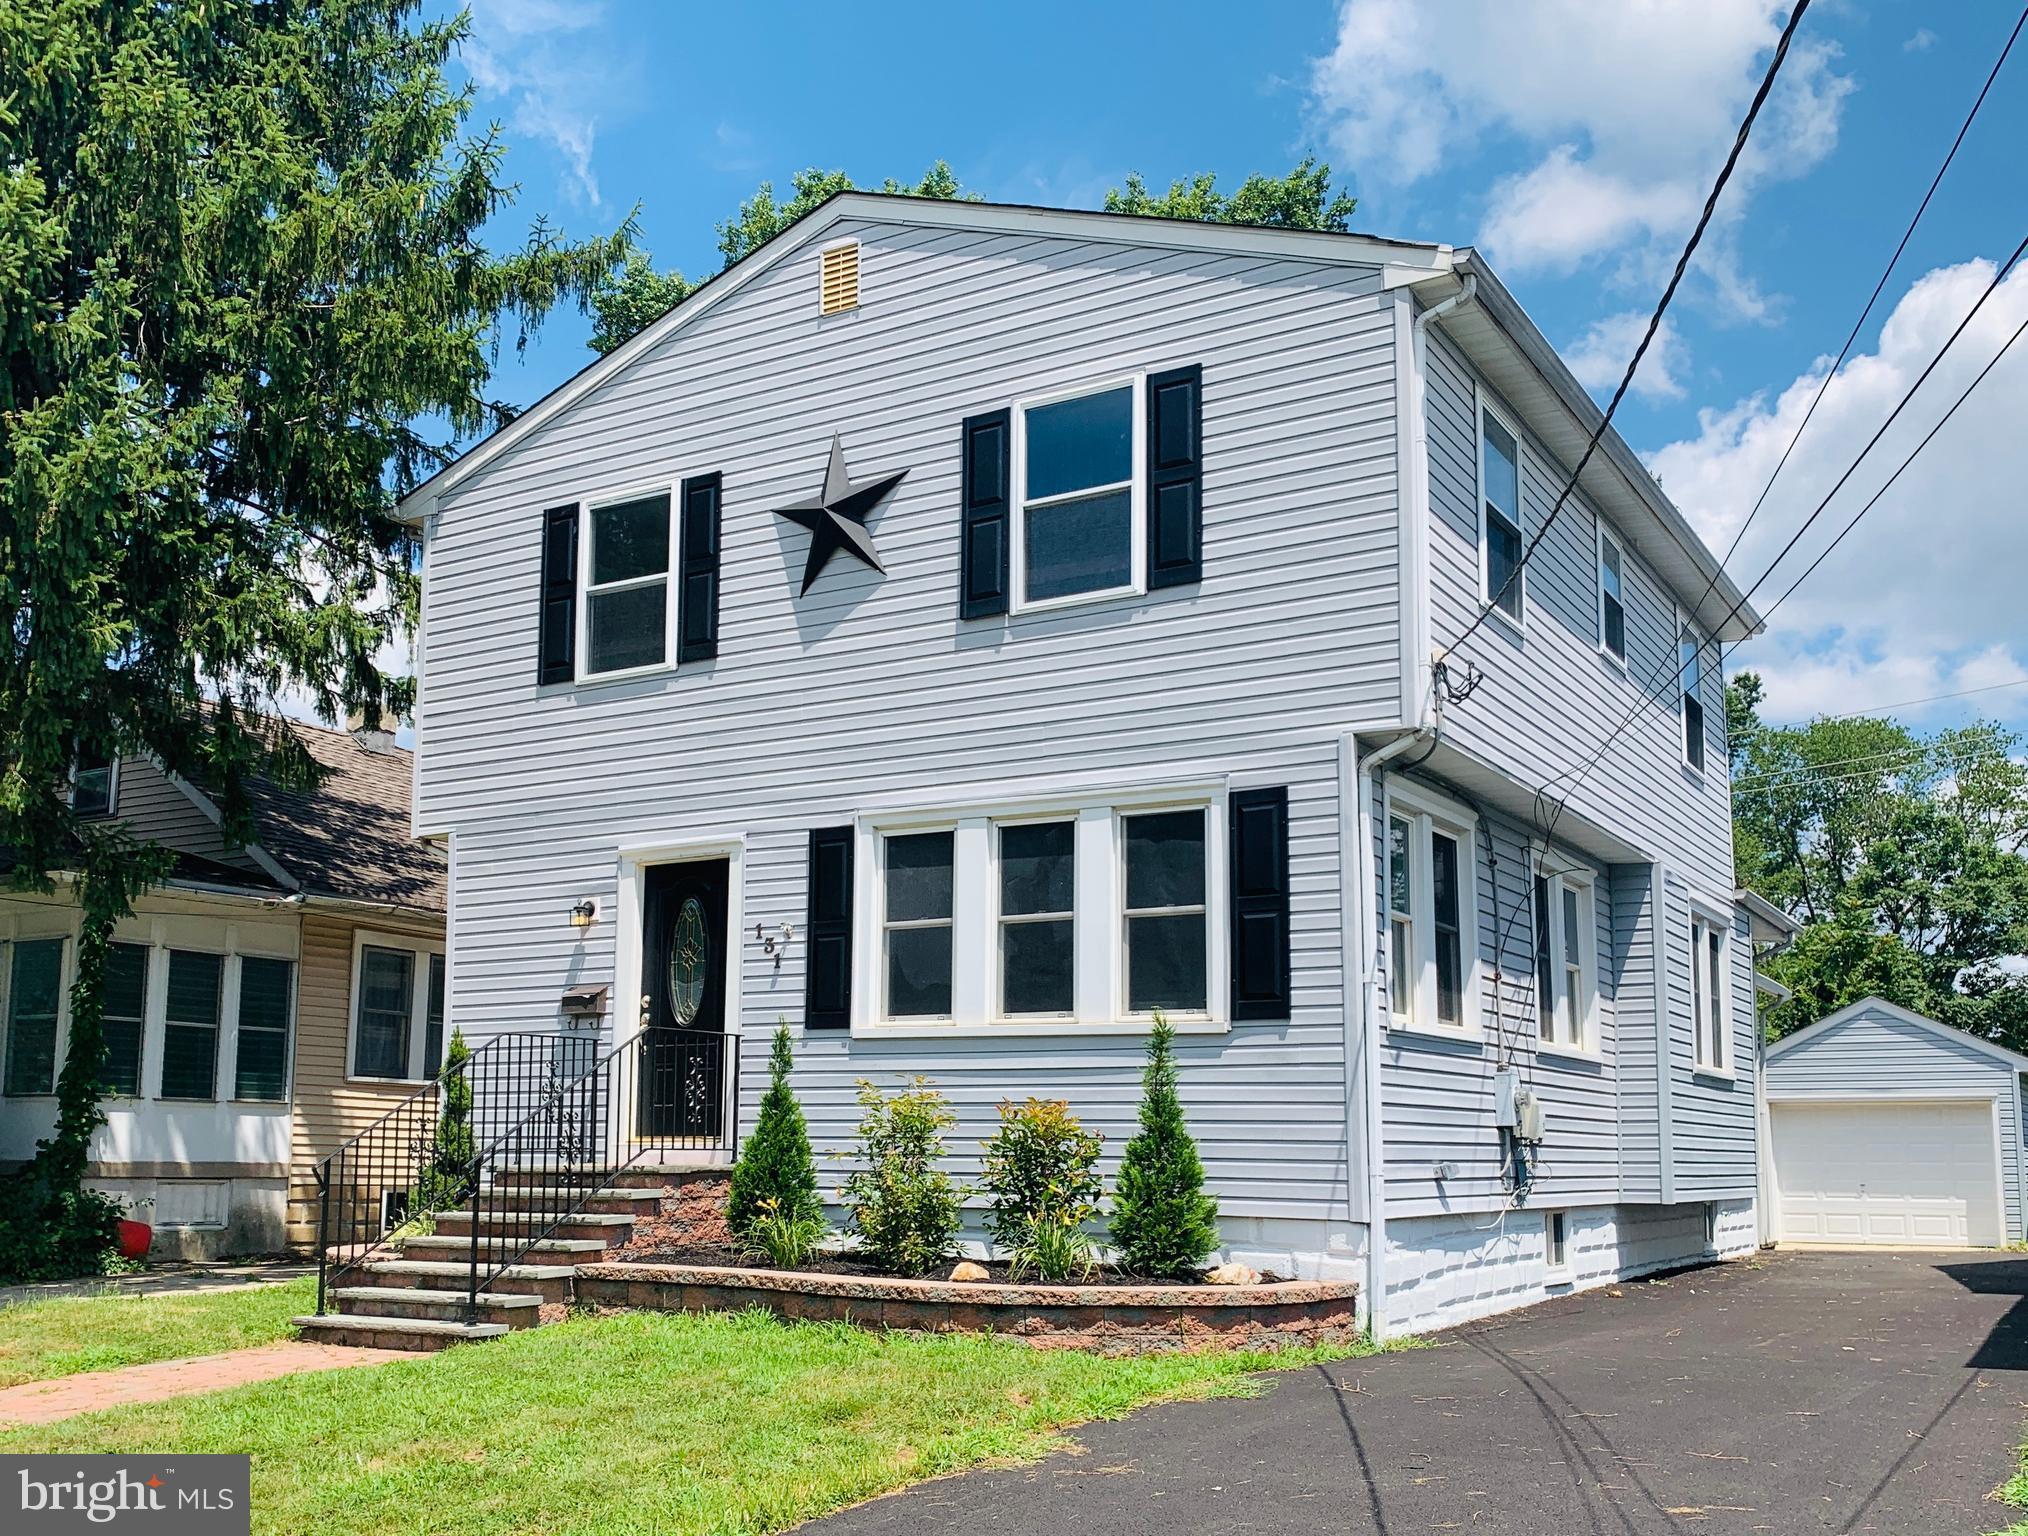 131 MANOR AVENUE, OAKLYN, NJ 08107